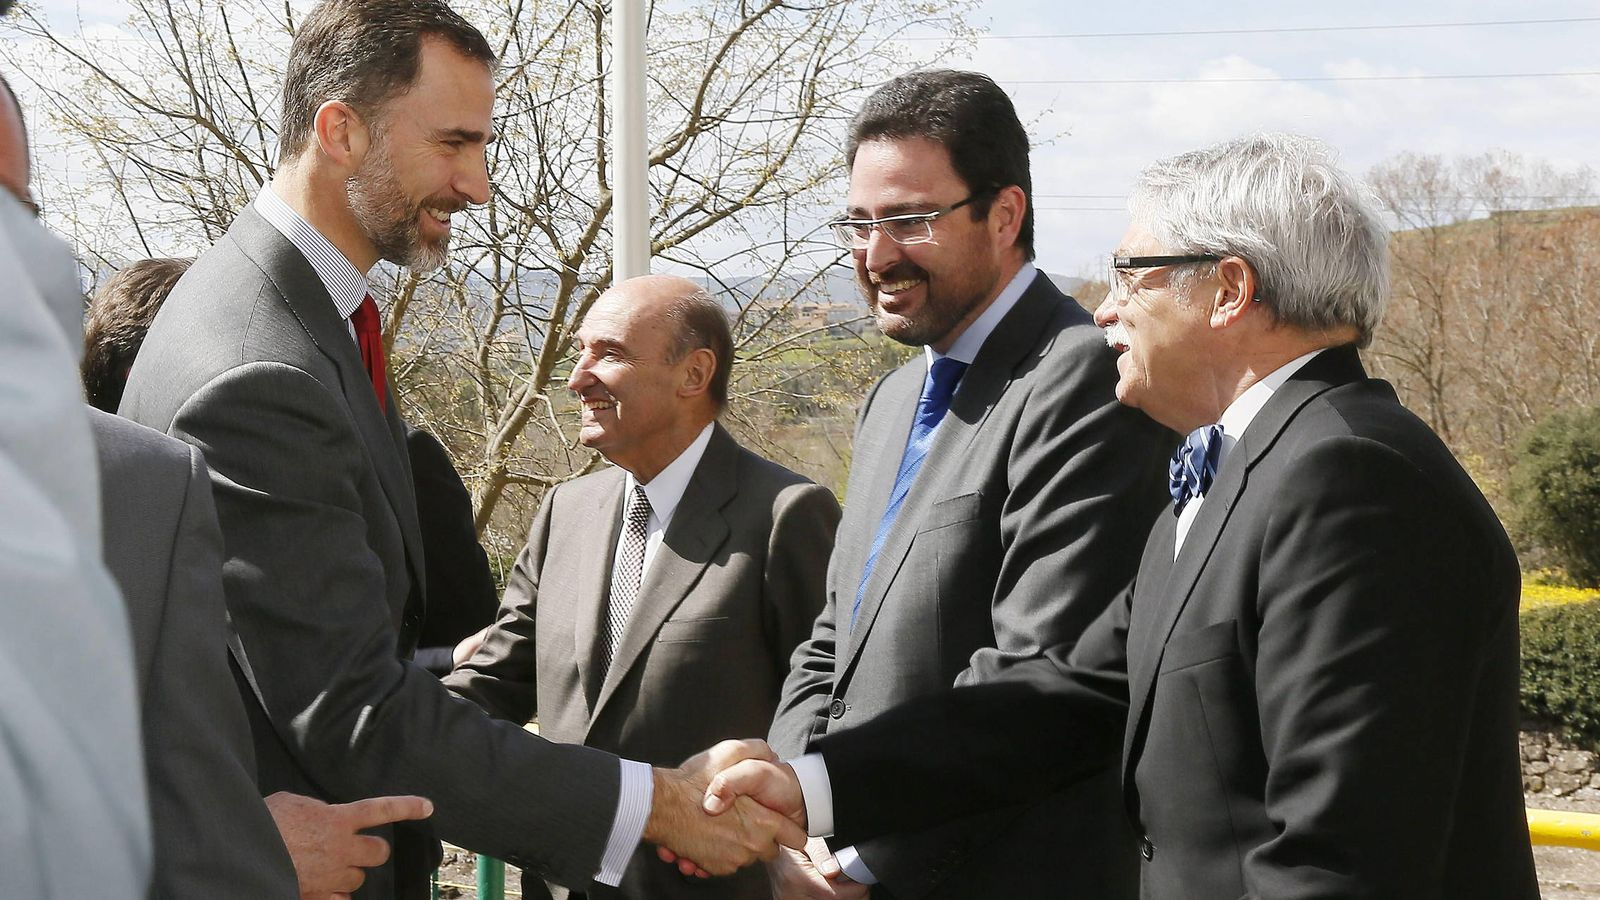 Foto: Felipe VI, con el presidente del comité de auditoría de Endesa, Miquel Roca (2i), y el entonces presidente del Consejo Asesor de Endesa en Cataluña, David Madí (2d). (EFE)